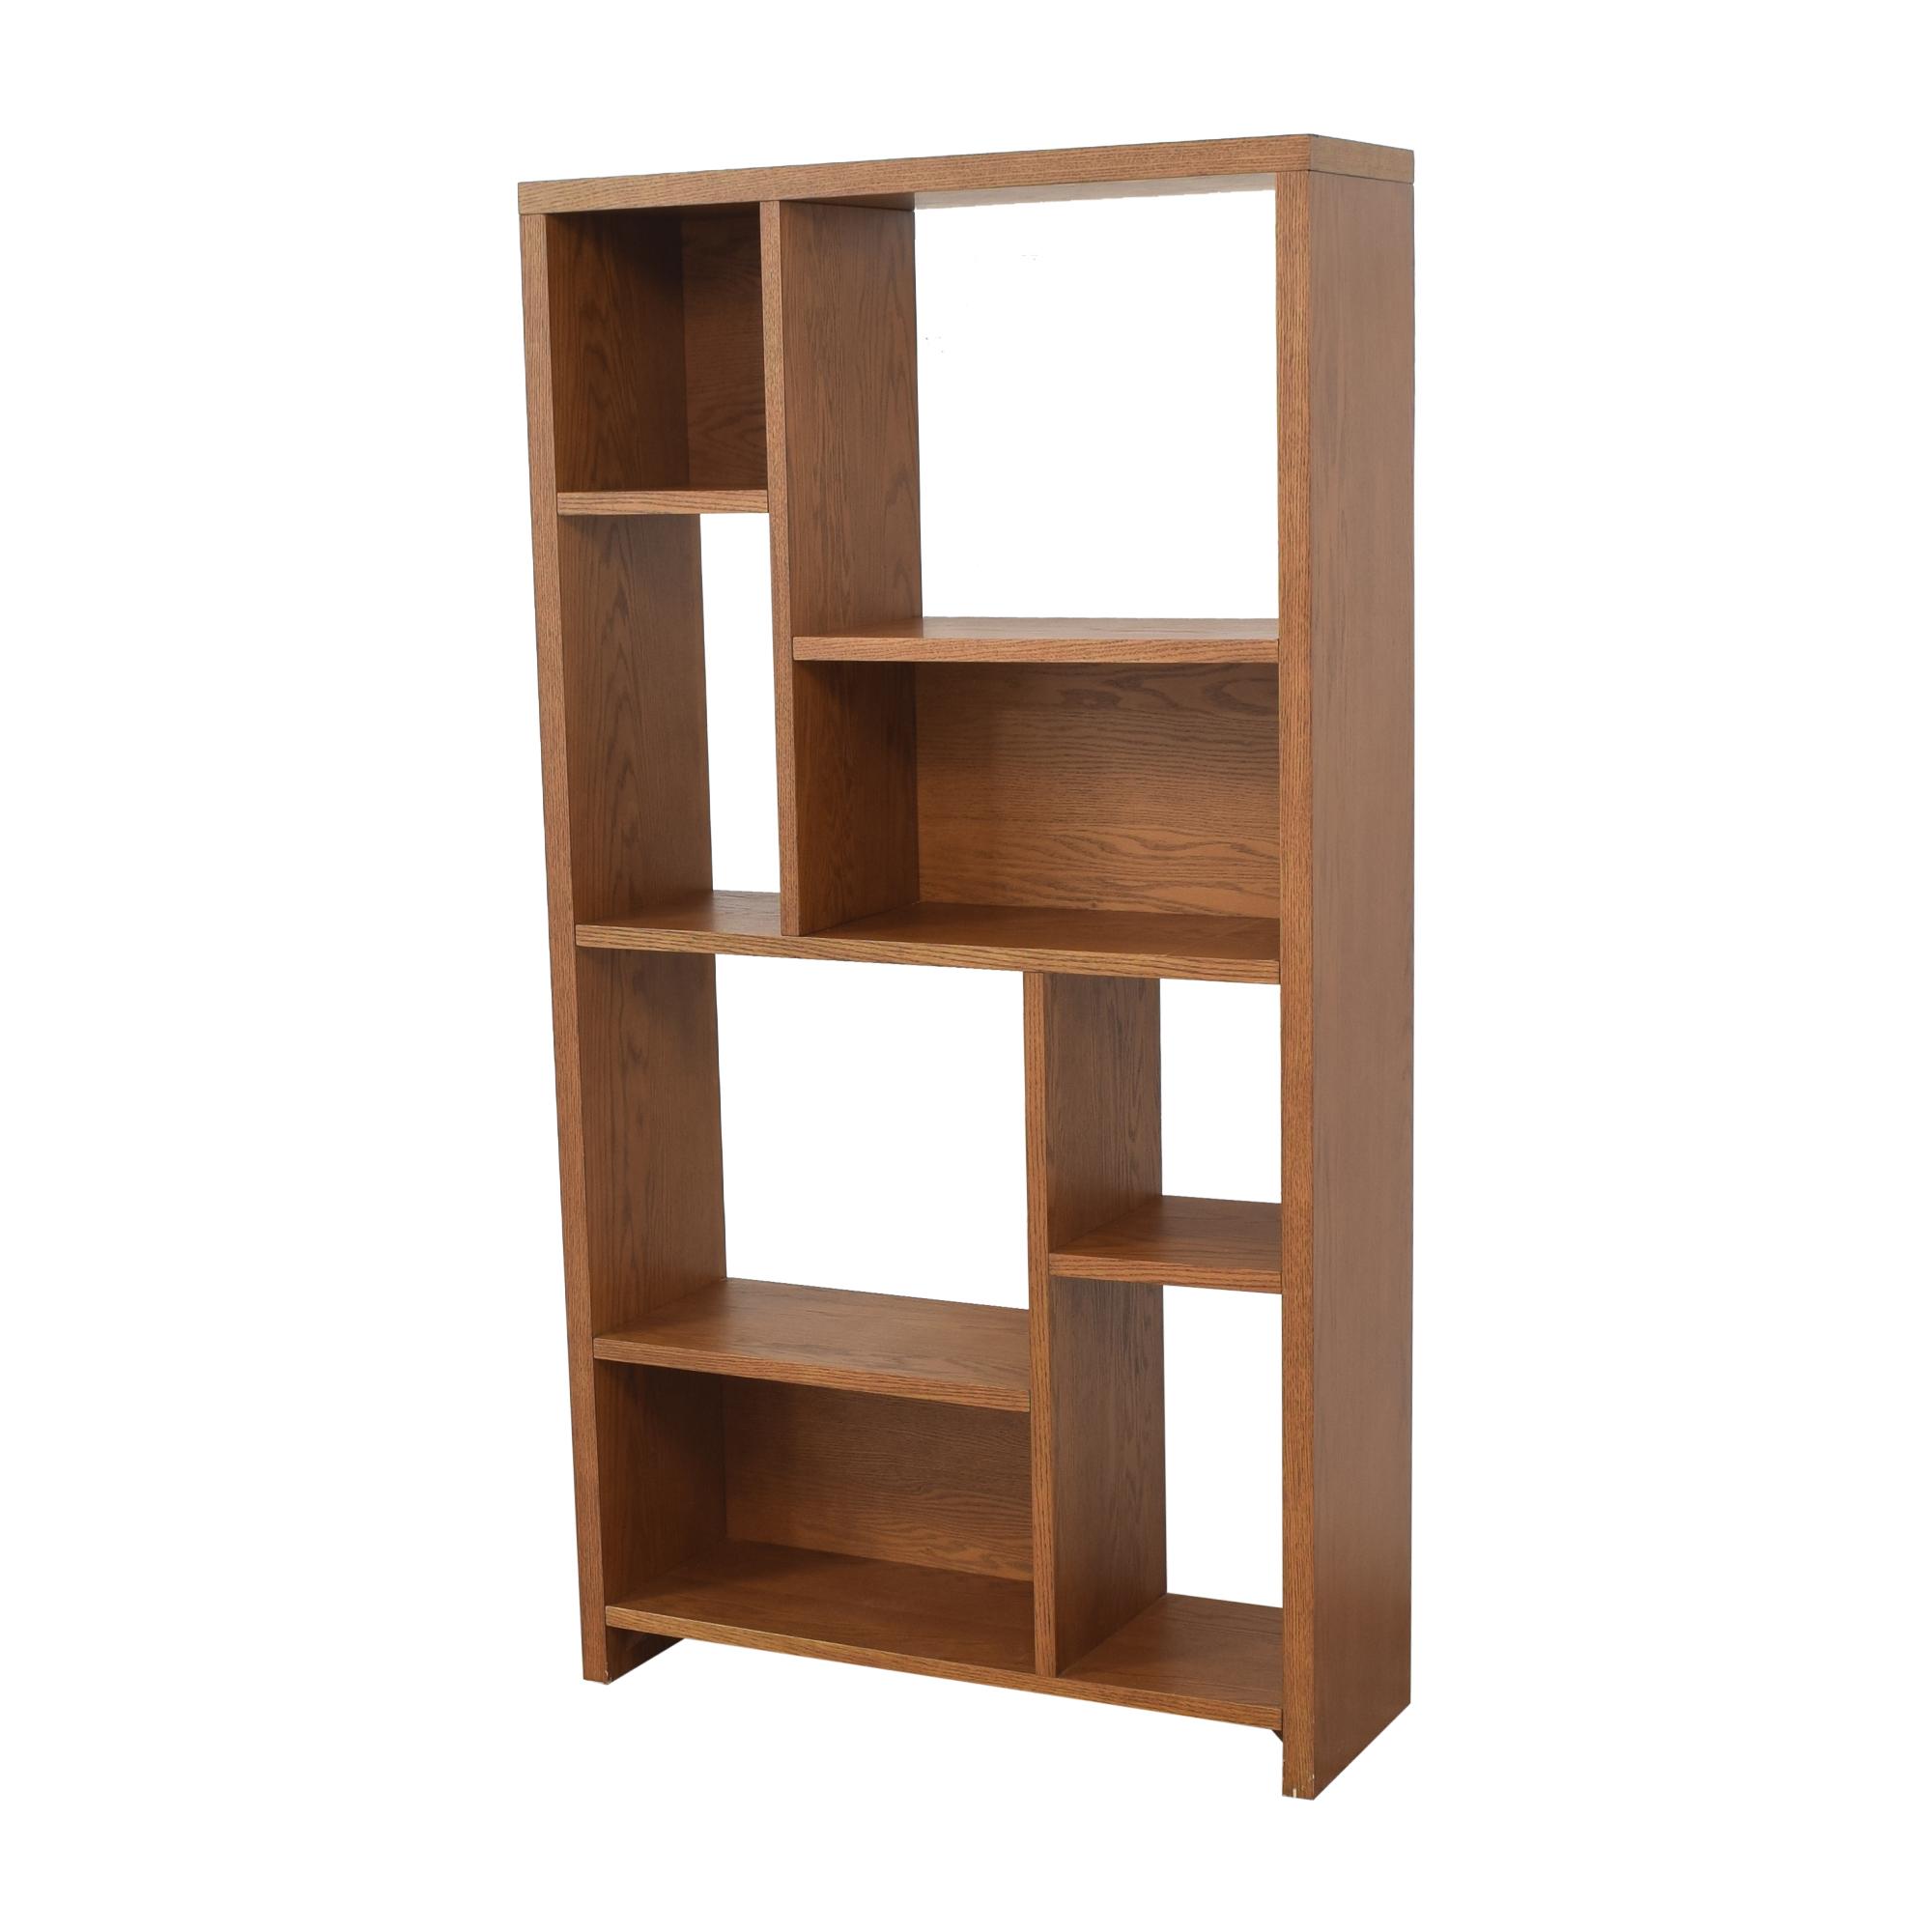 West Elm West Elm Rectangle Cutout Bookcase pa